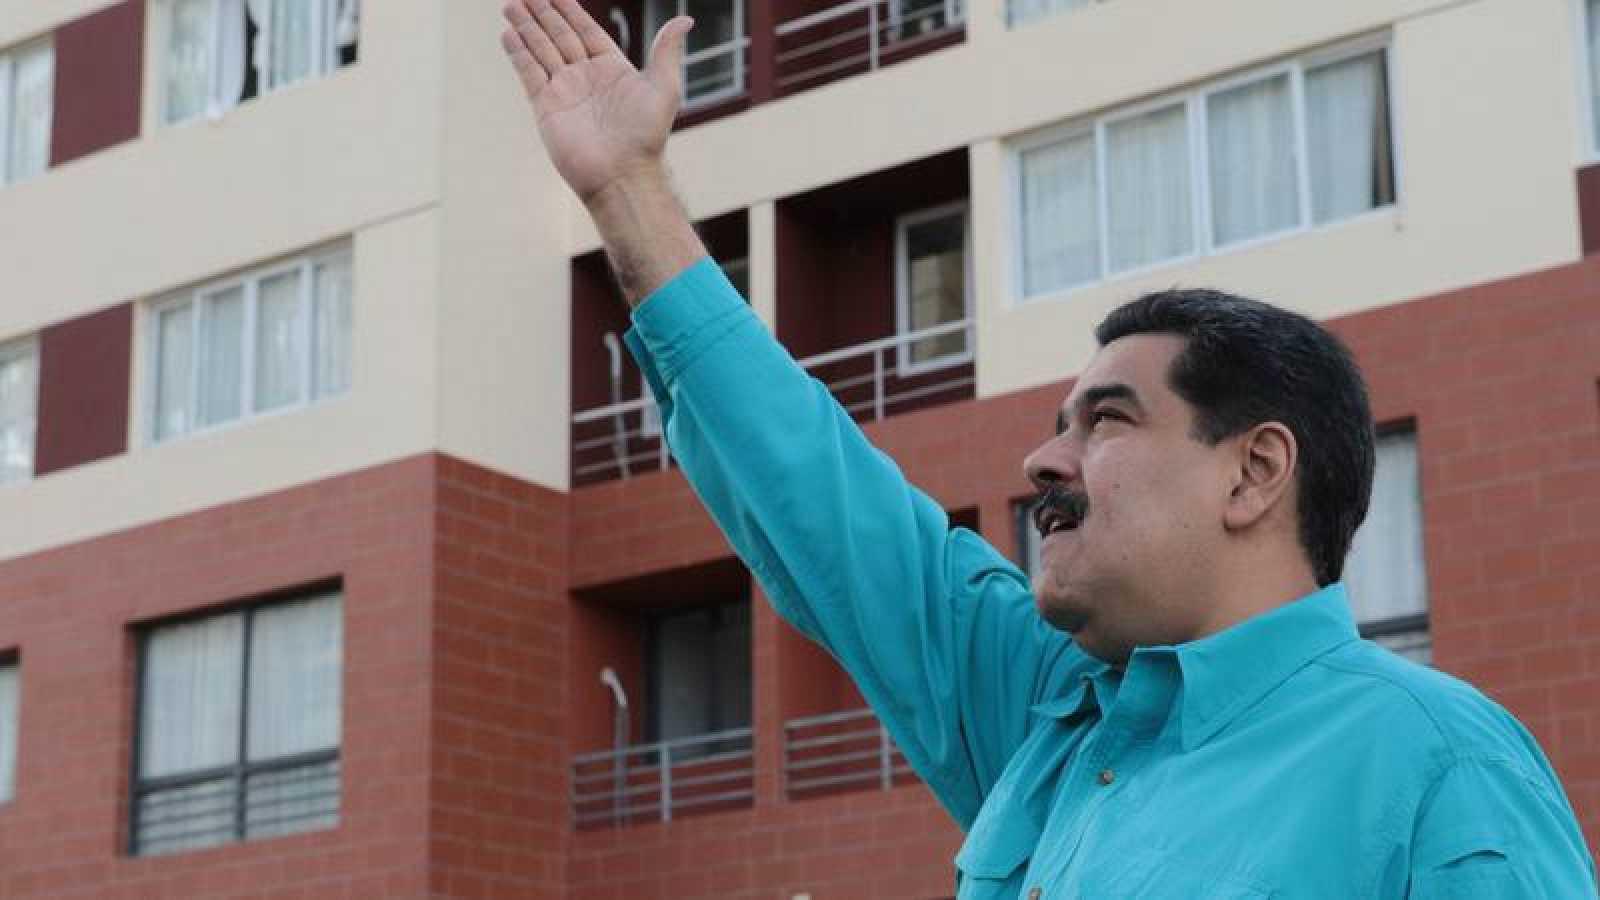 El presidente venezolano, Nicolás Maduro, en un acto el 27 de diciembre